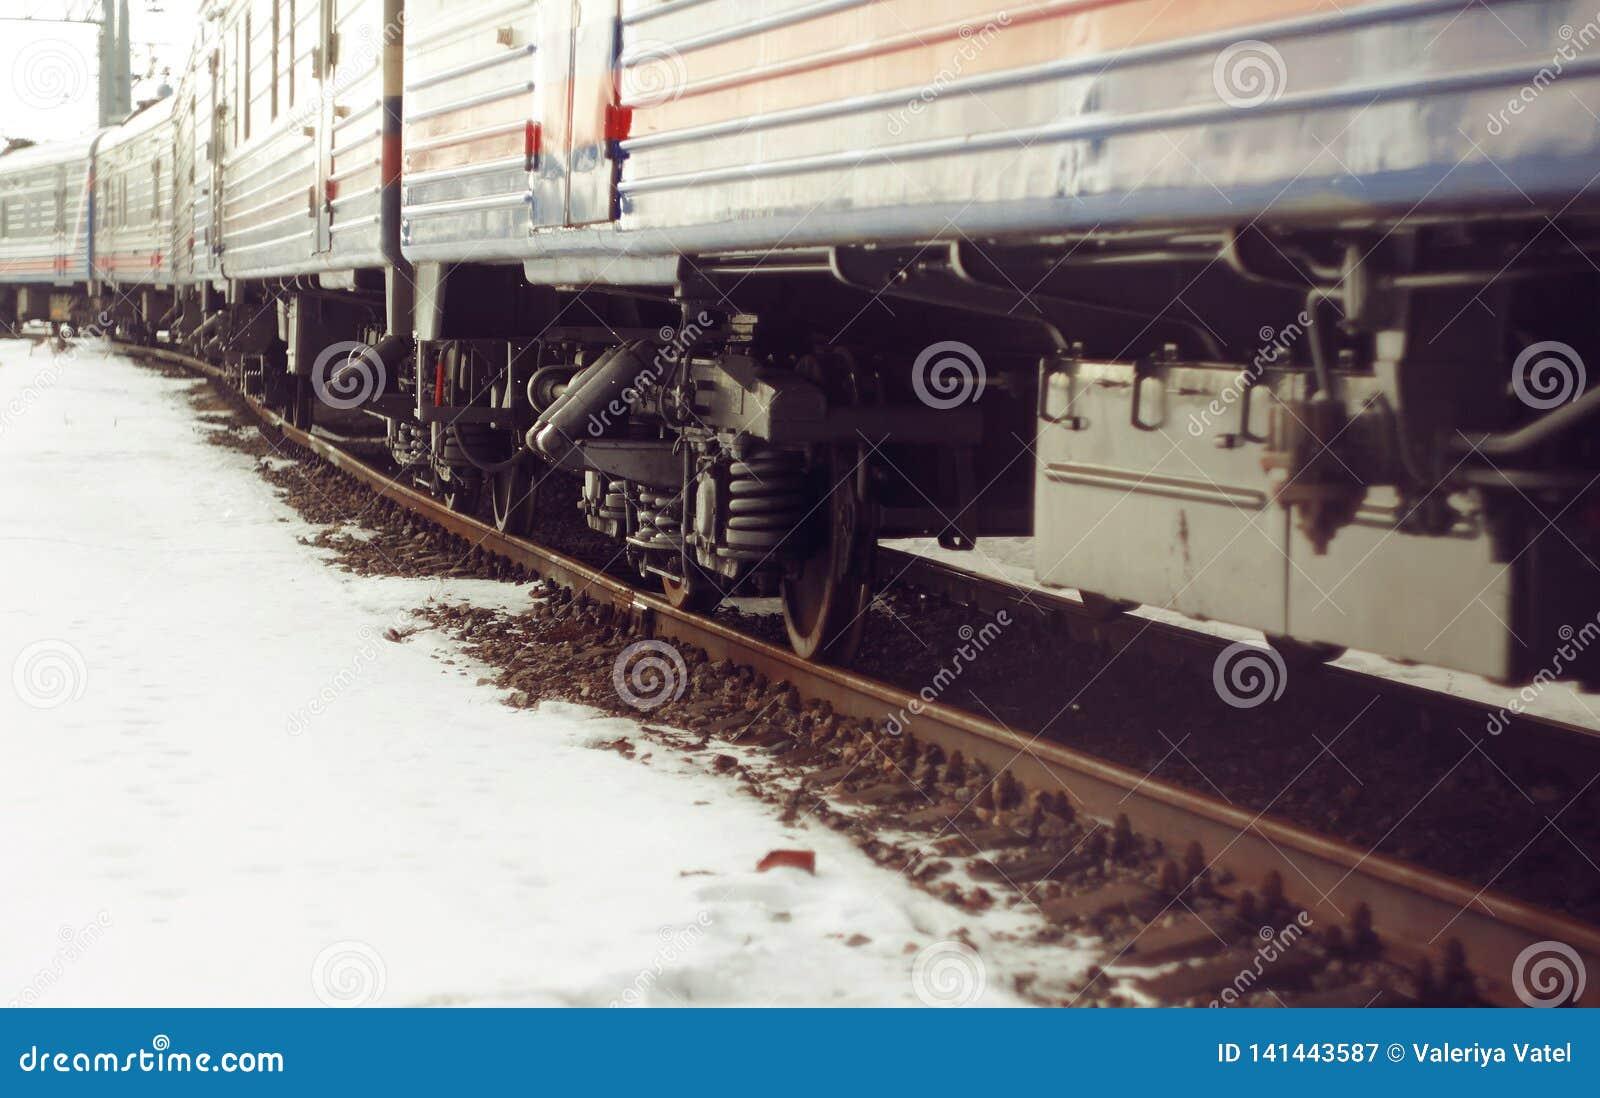 Güterzug, stehend auf den Schienen, die mit Rost bedeckt werden